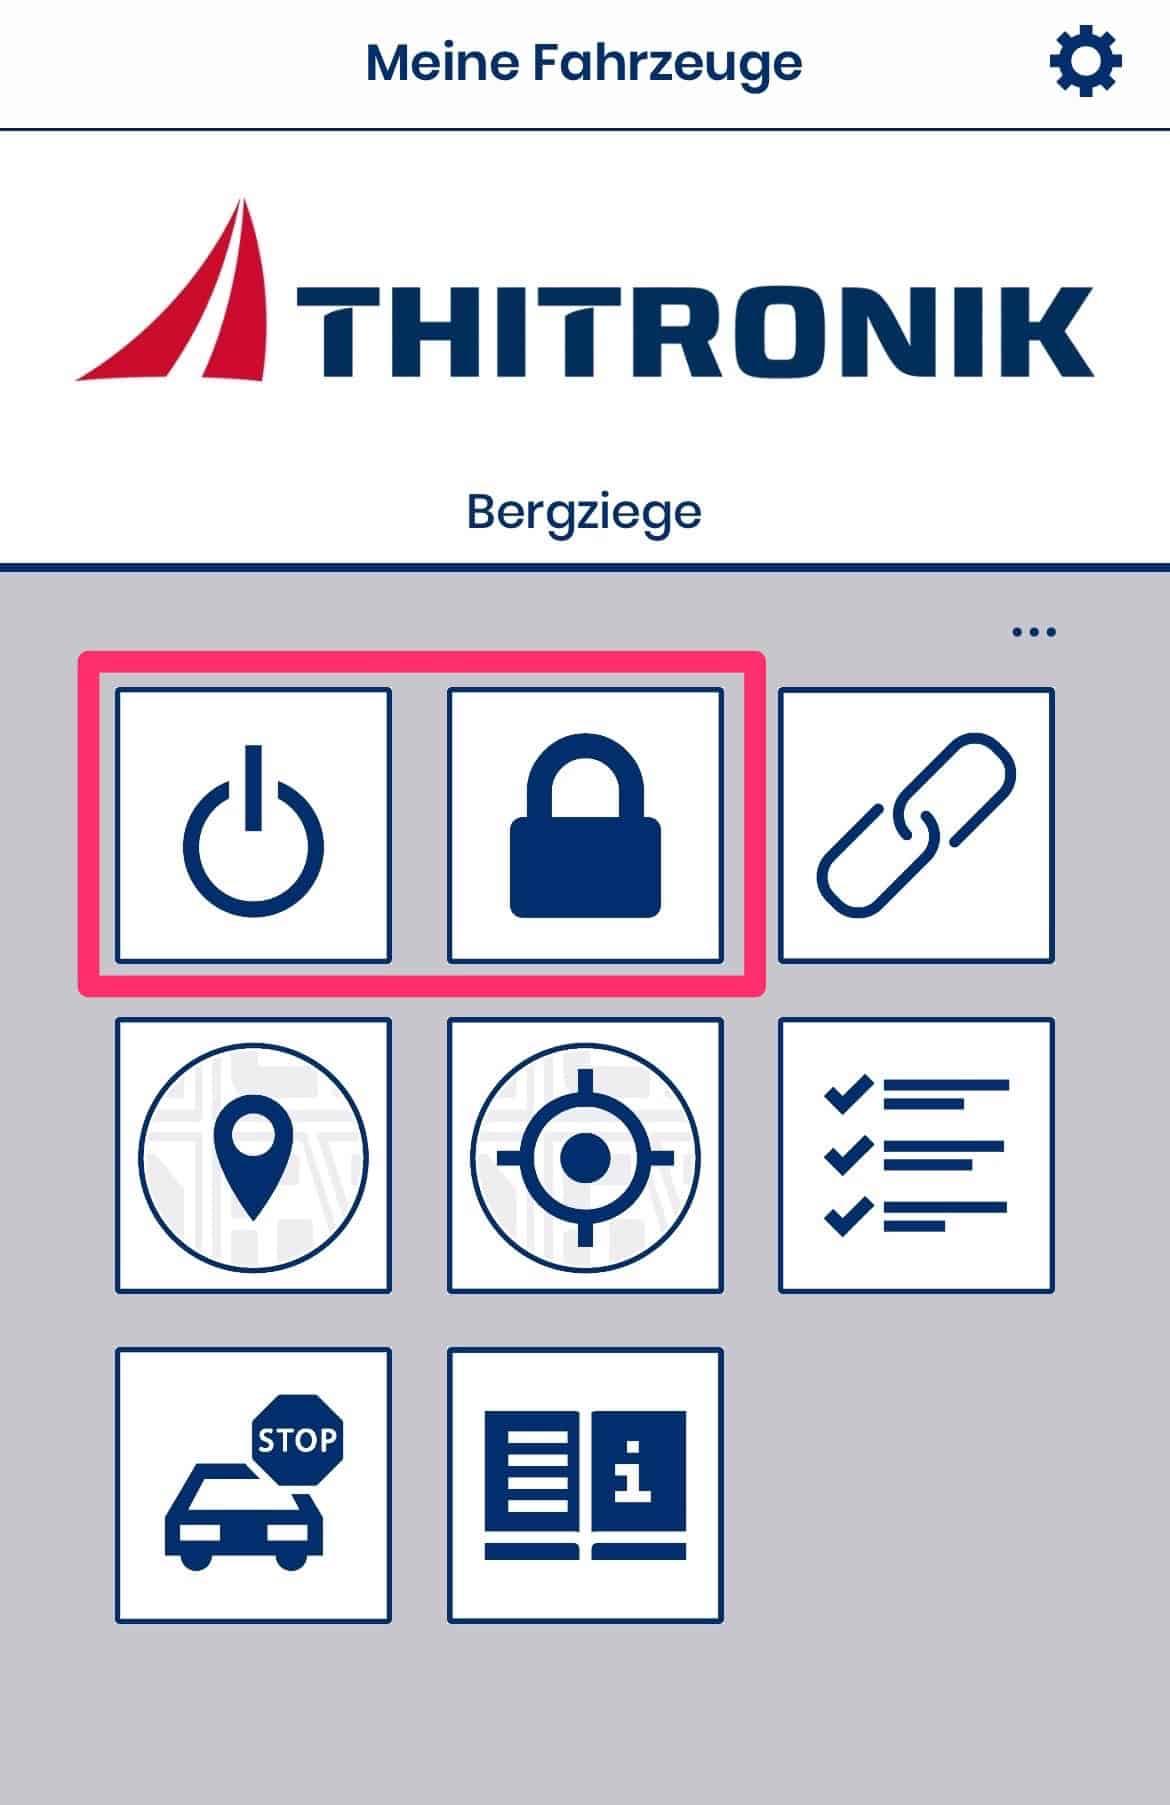 Thitronik-App-Alarm-anschalten-ausschalten